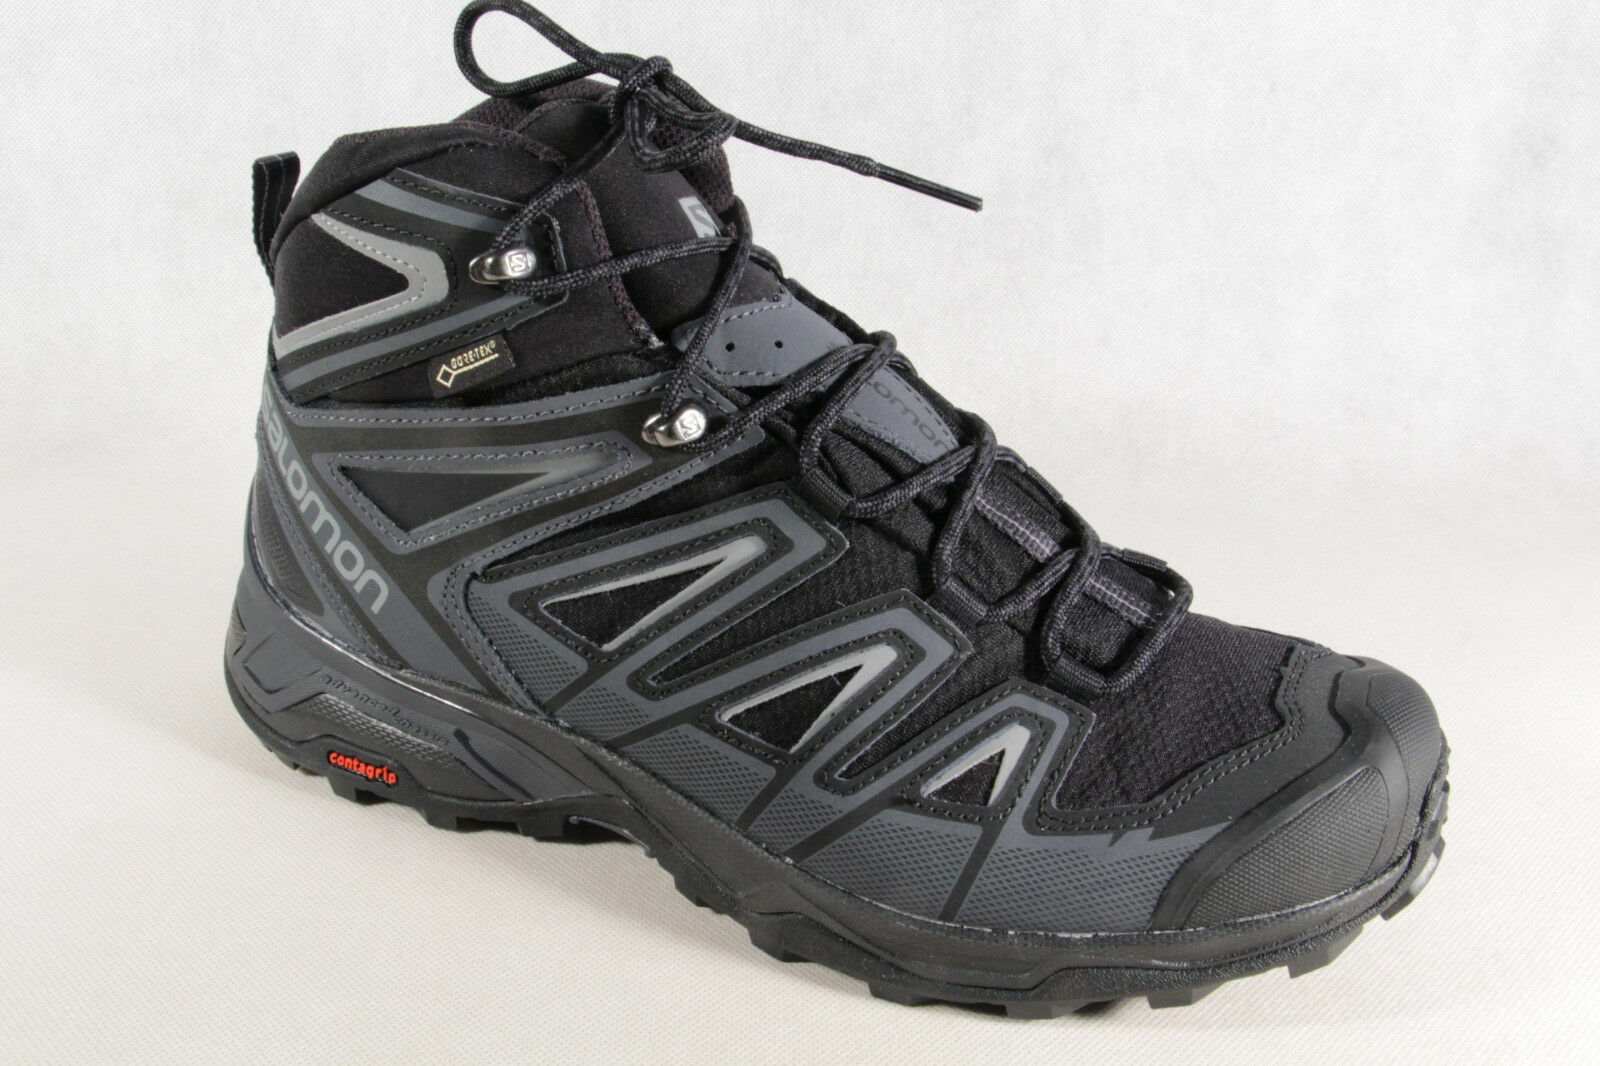 Salomon Stiefel Boots X Ultra 3 MID GTX schwarz grau wasserdicht Gore Tex NEU